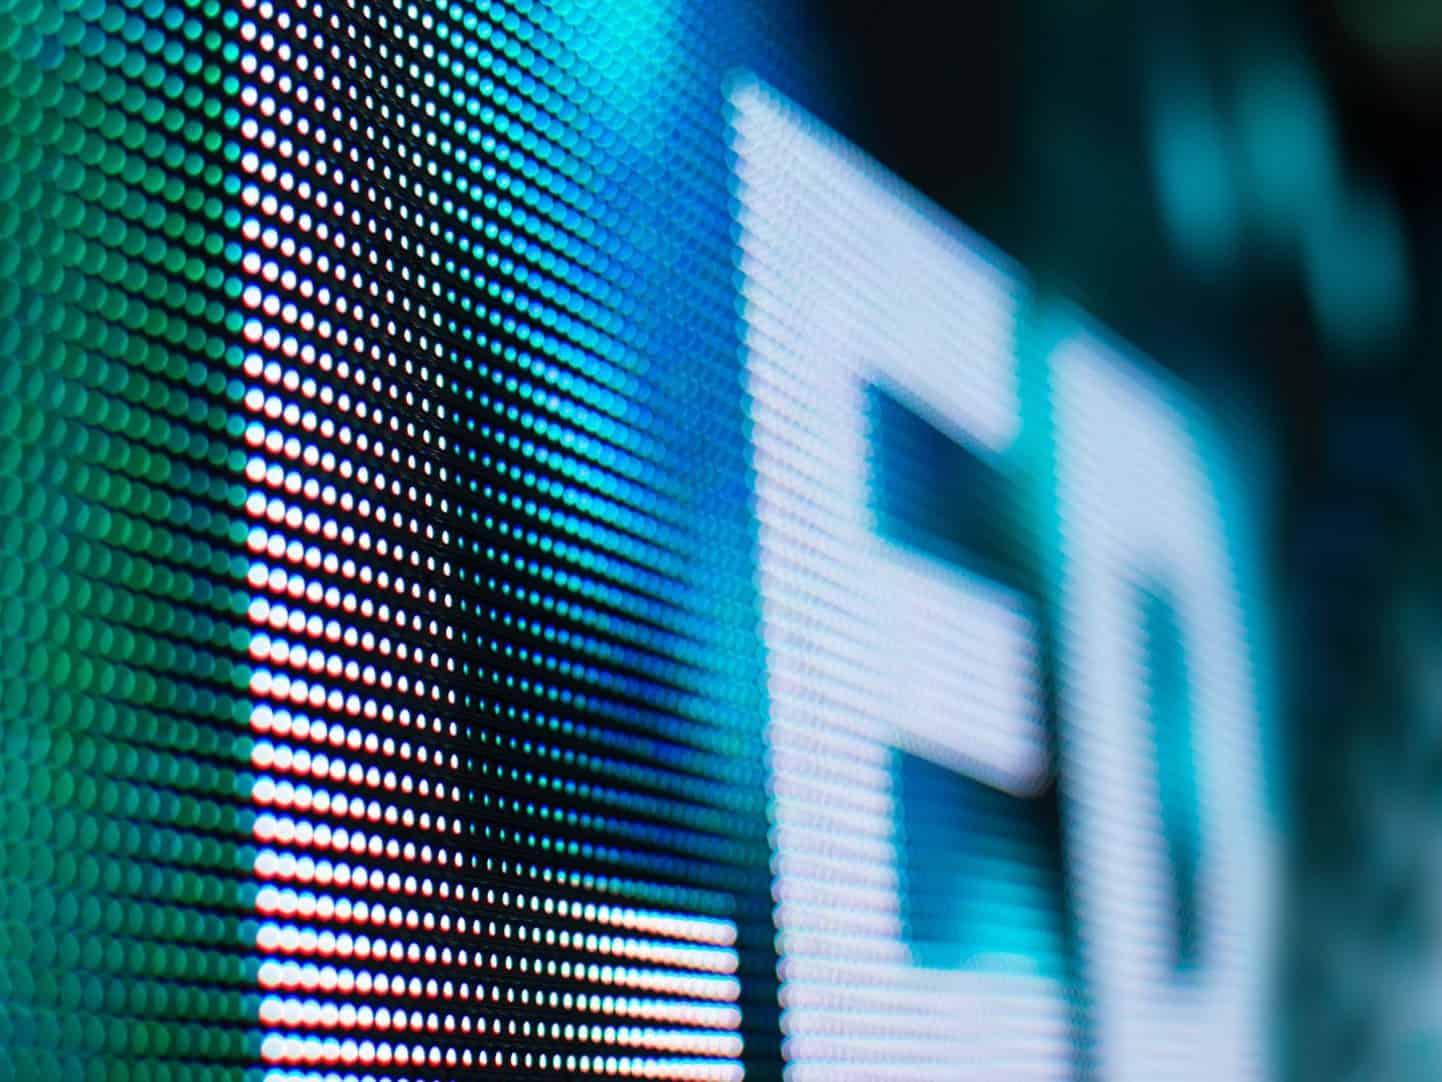 วิวัฒนาการและอนาคตของเทคโนโลยี LED VIDEO WALL jled